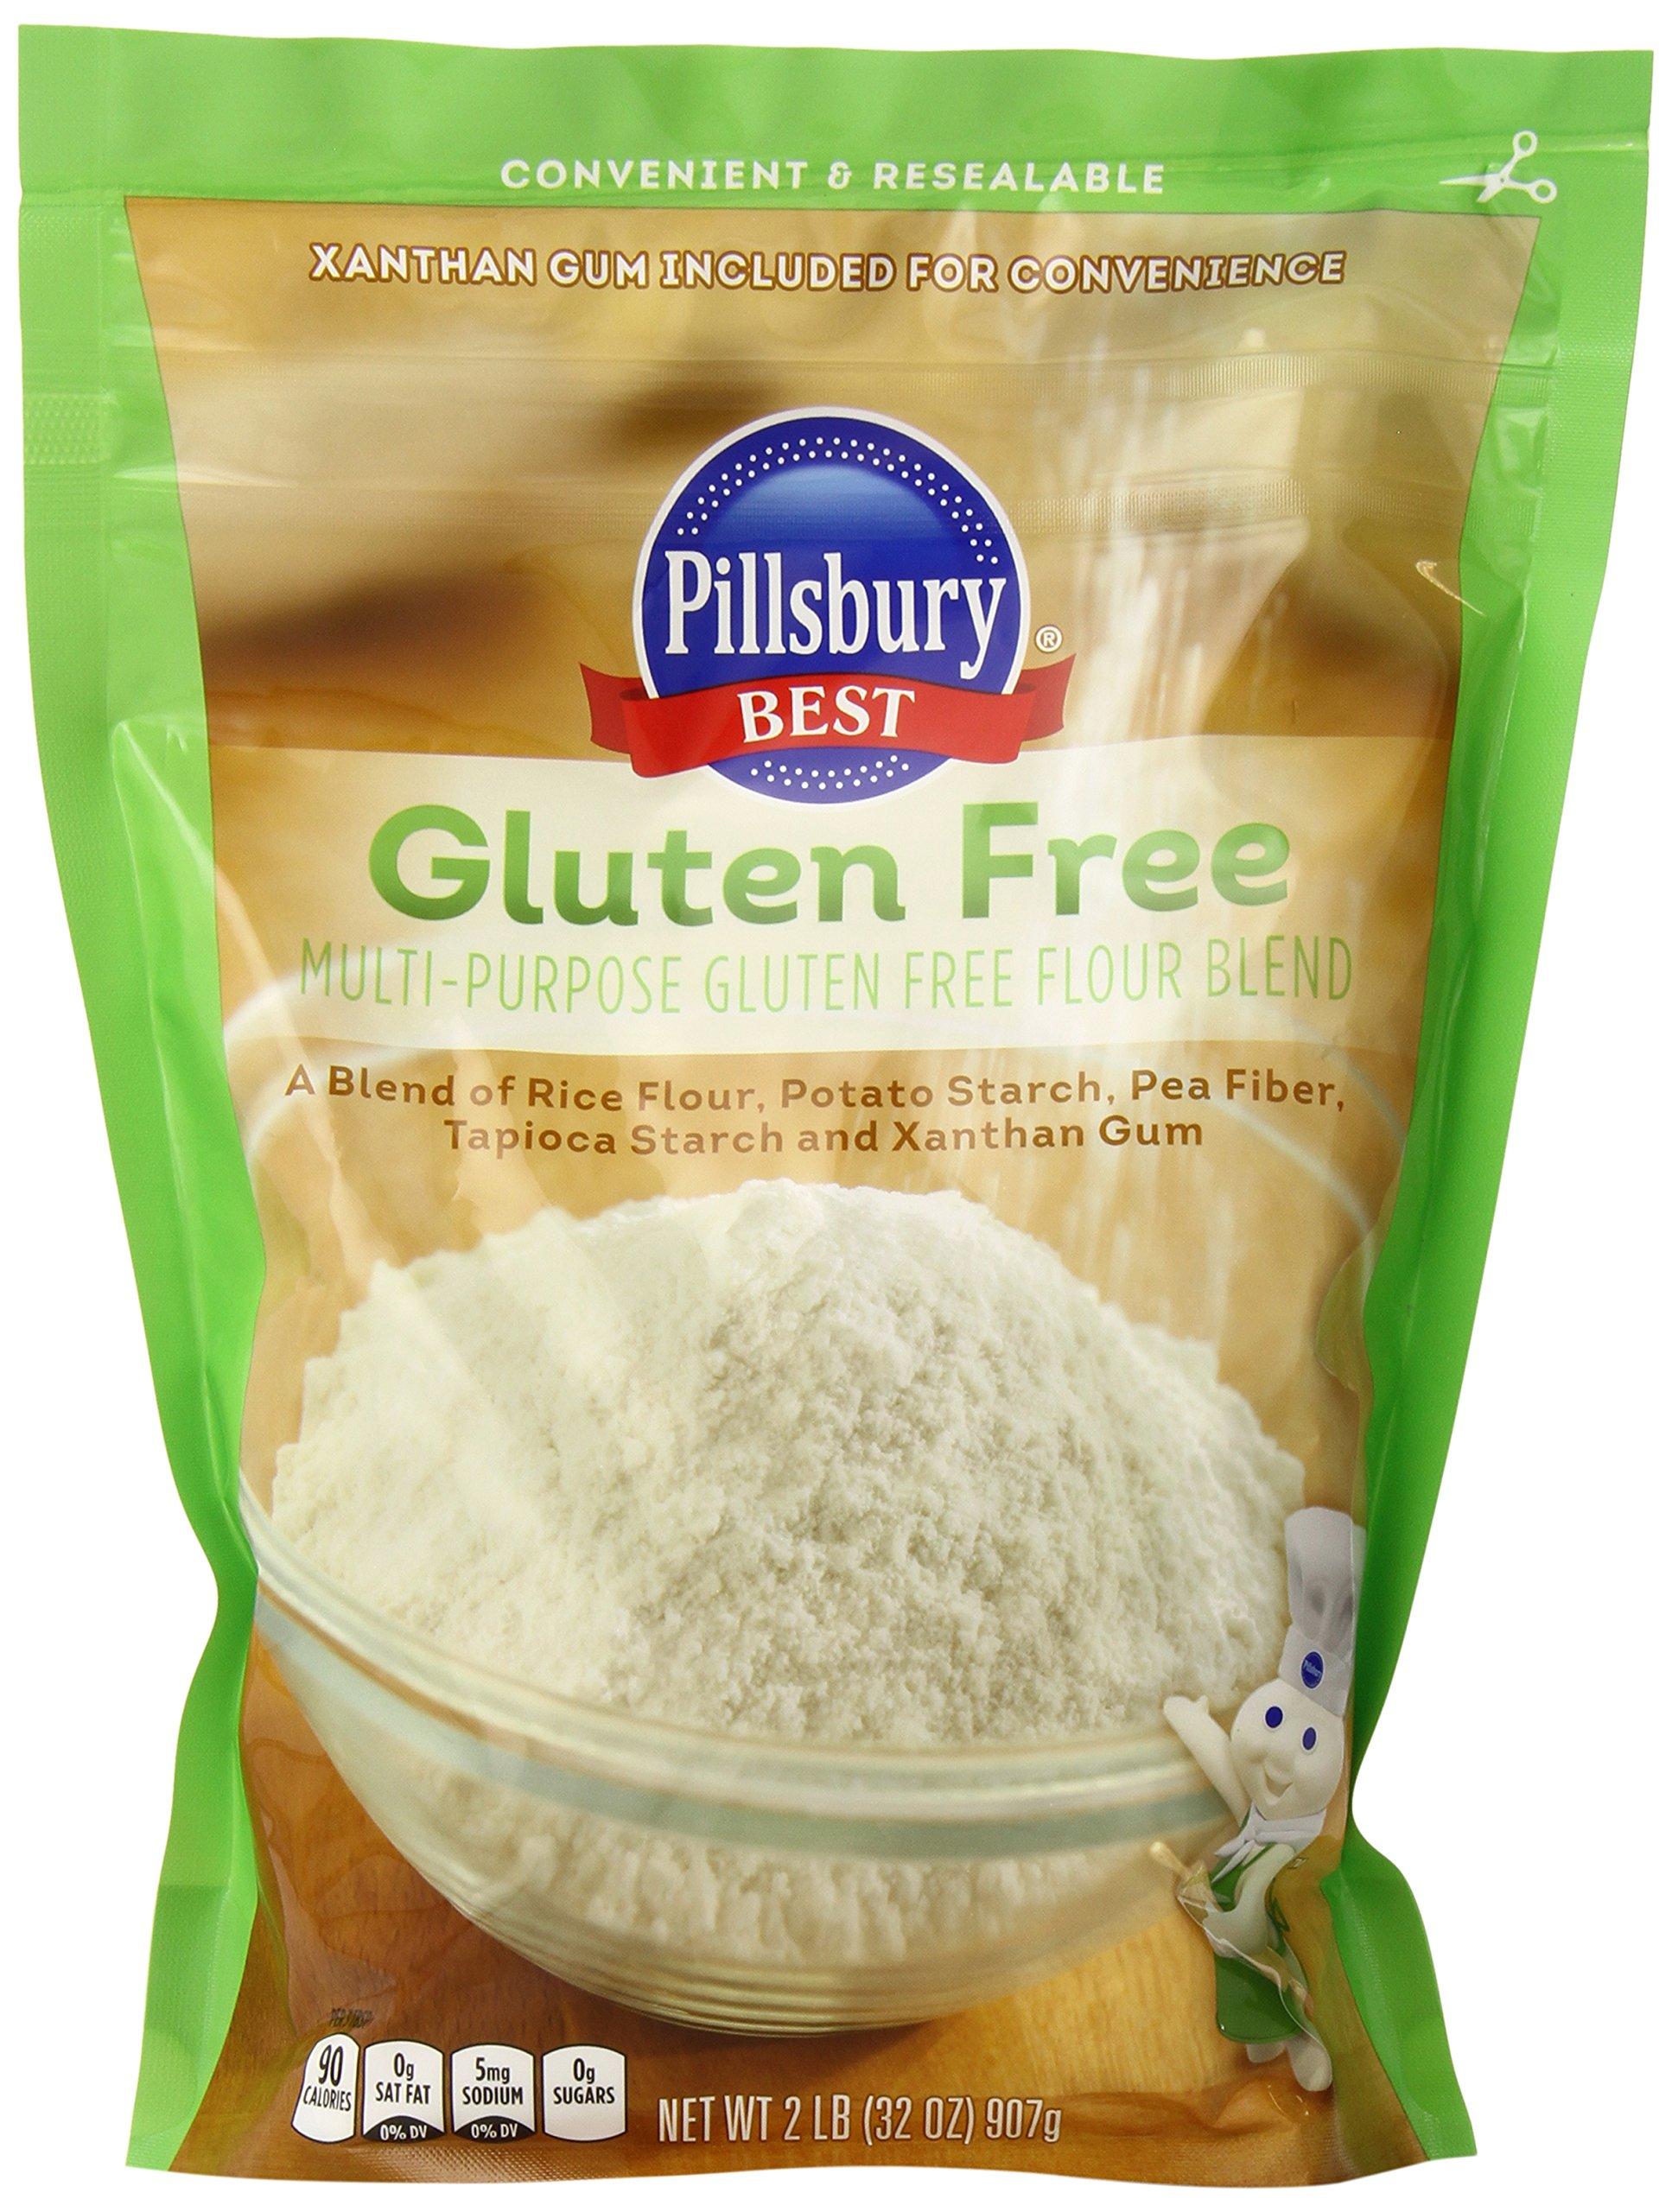 Amazon.com : Pillsbury Best Gluten Free Flour Blend Pack